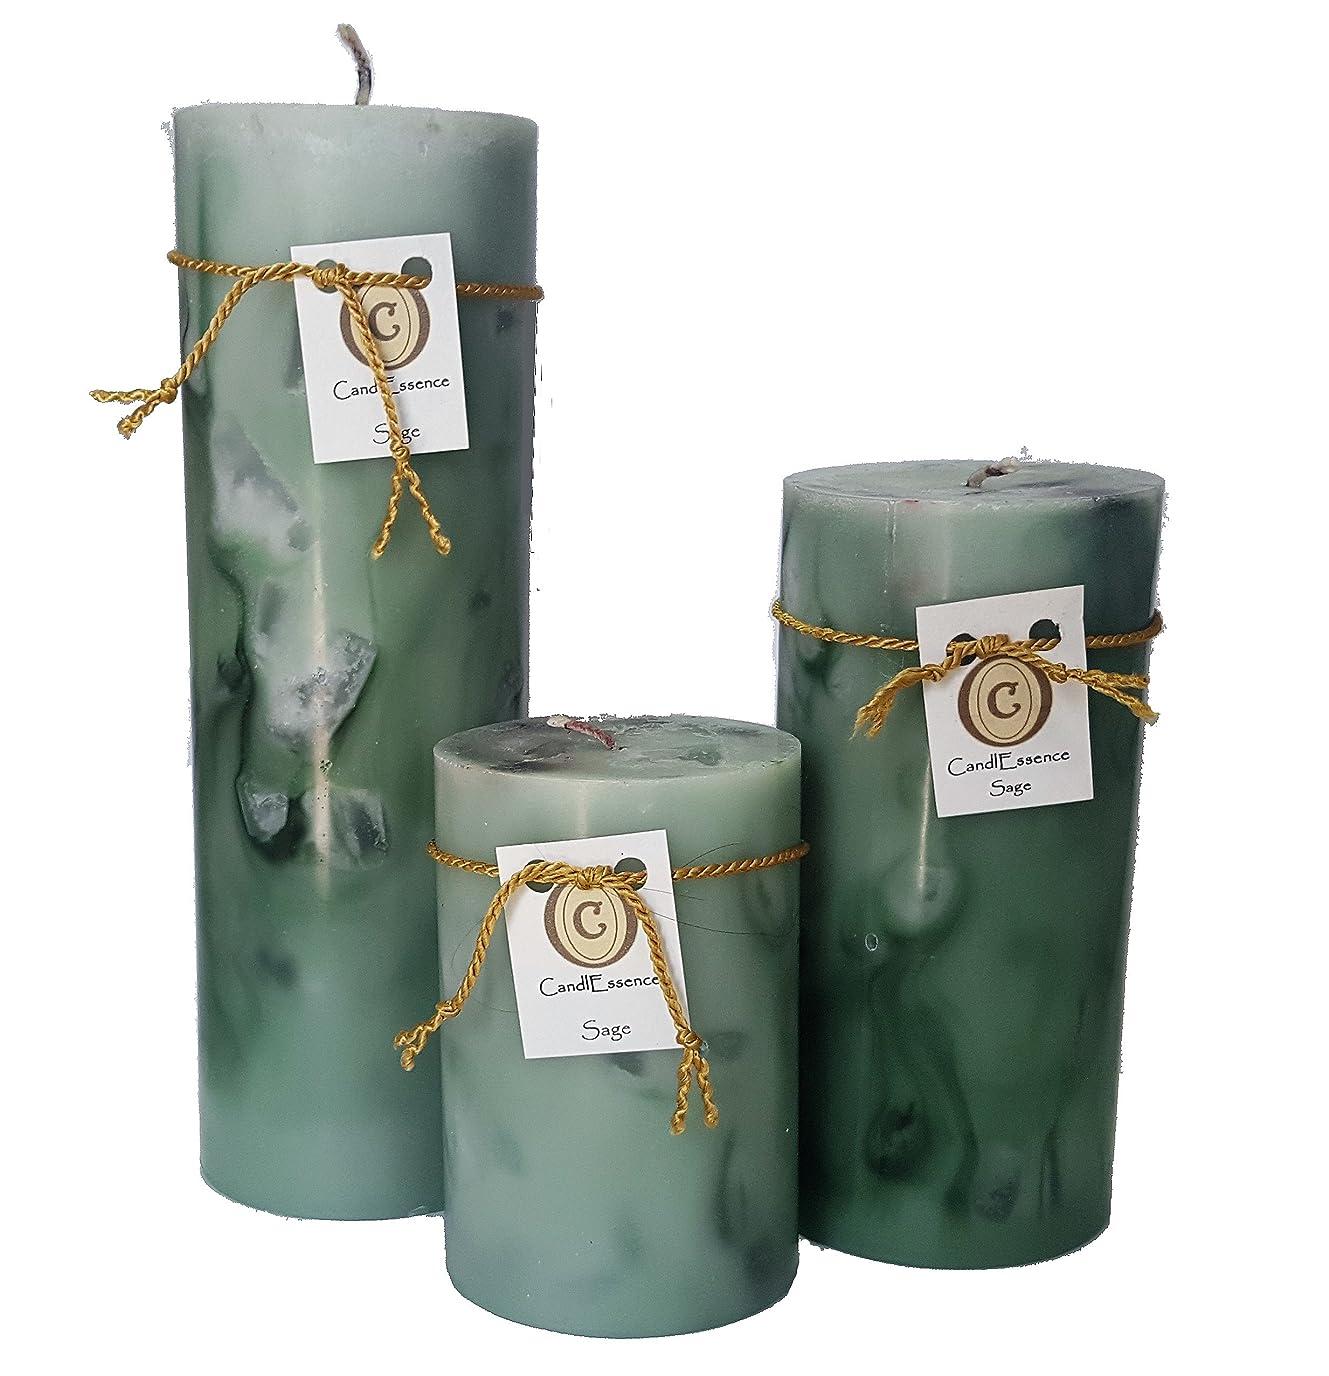 外科医スカイ投獄ハンドメイドScented Candle?–?Long Burningピラー?–?セージ香り Set of 3 グリーン SAGE